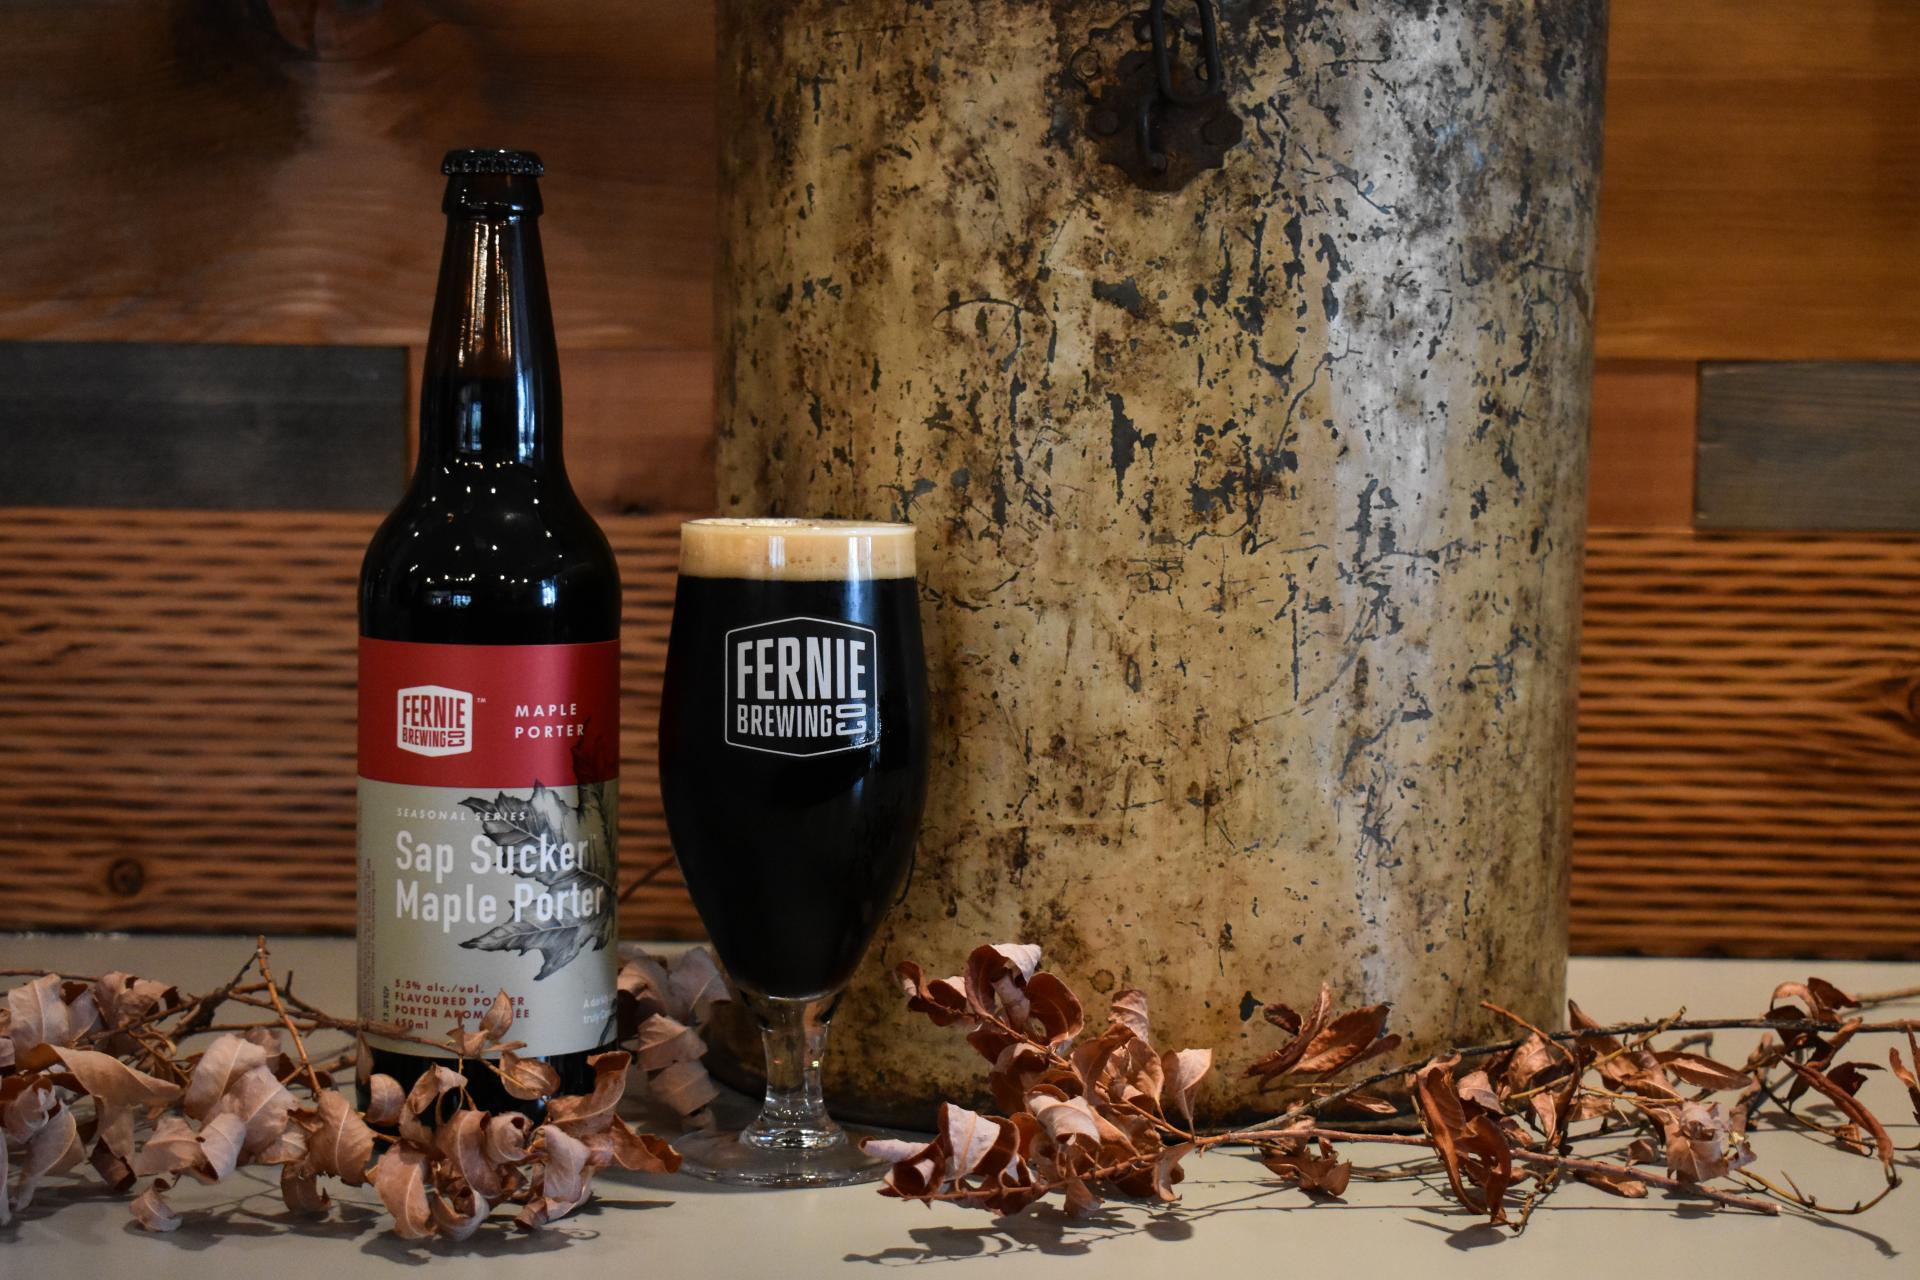 Fernie Brewing Co. — Sap Sucker Maple Porter